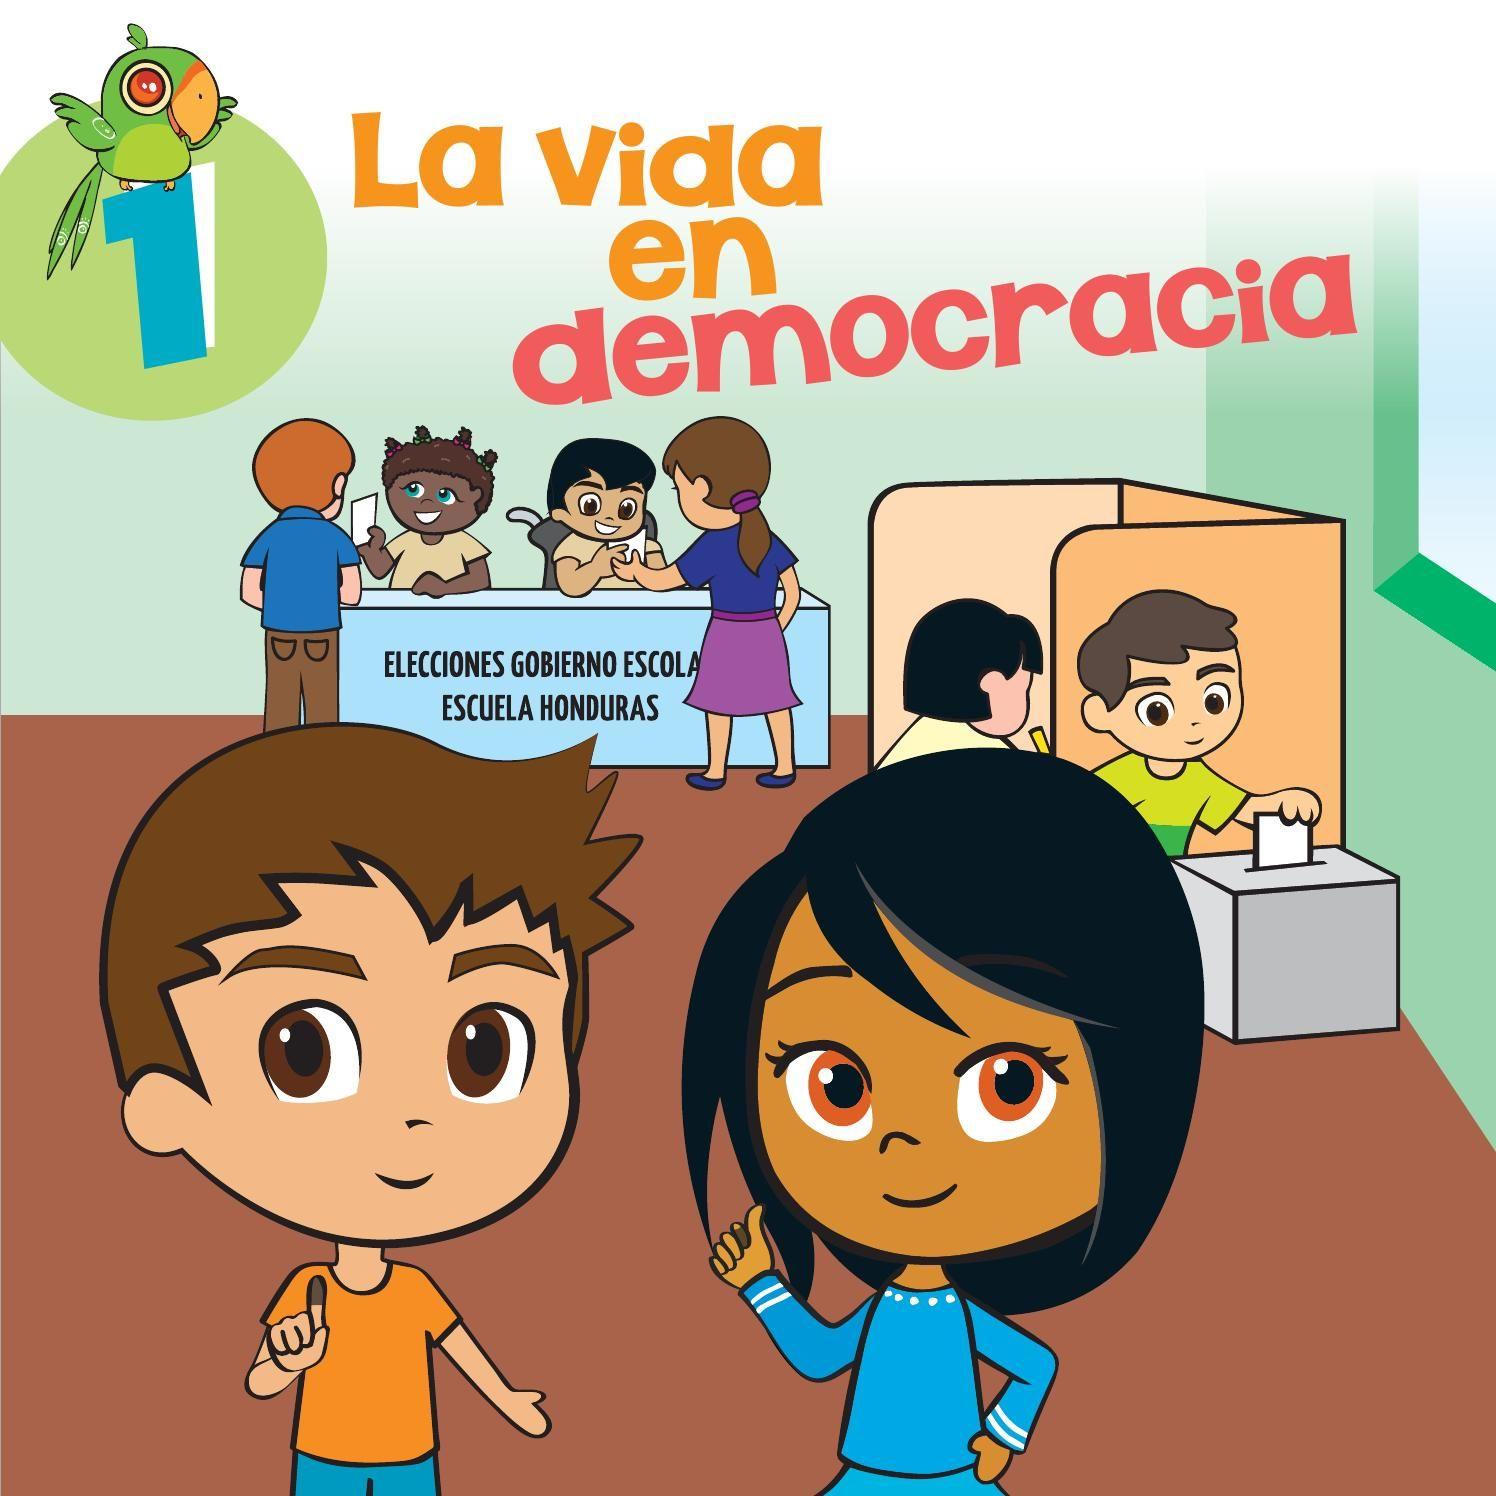 La Vida En Democracia Modulo Para Ninos Y Ninas By Comunica Issuu Que Es La Democracia Derechos De Los Ninos Derechos De La Ninez